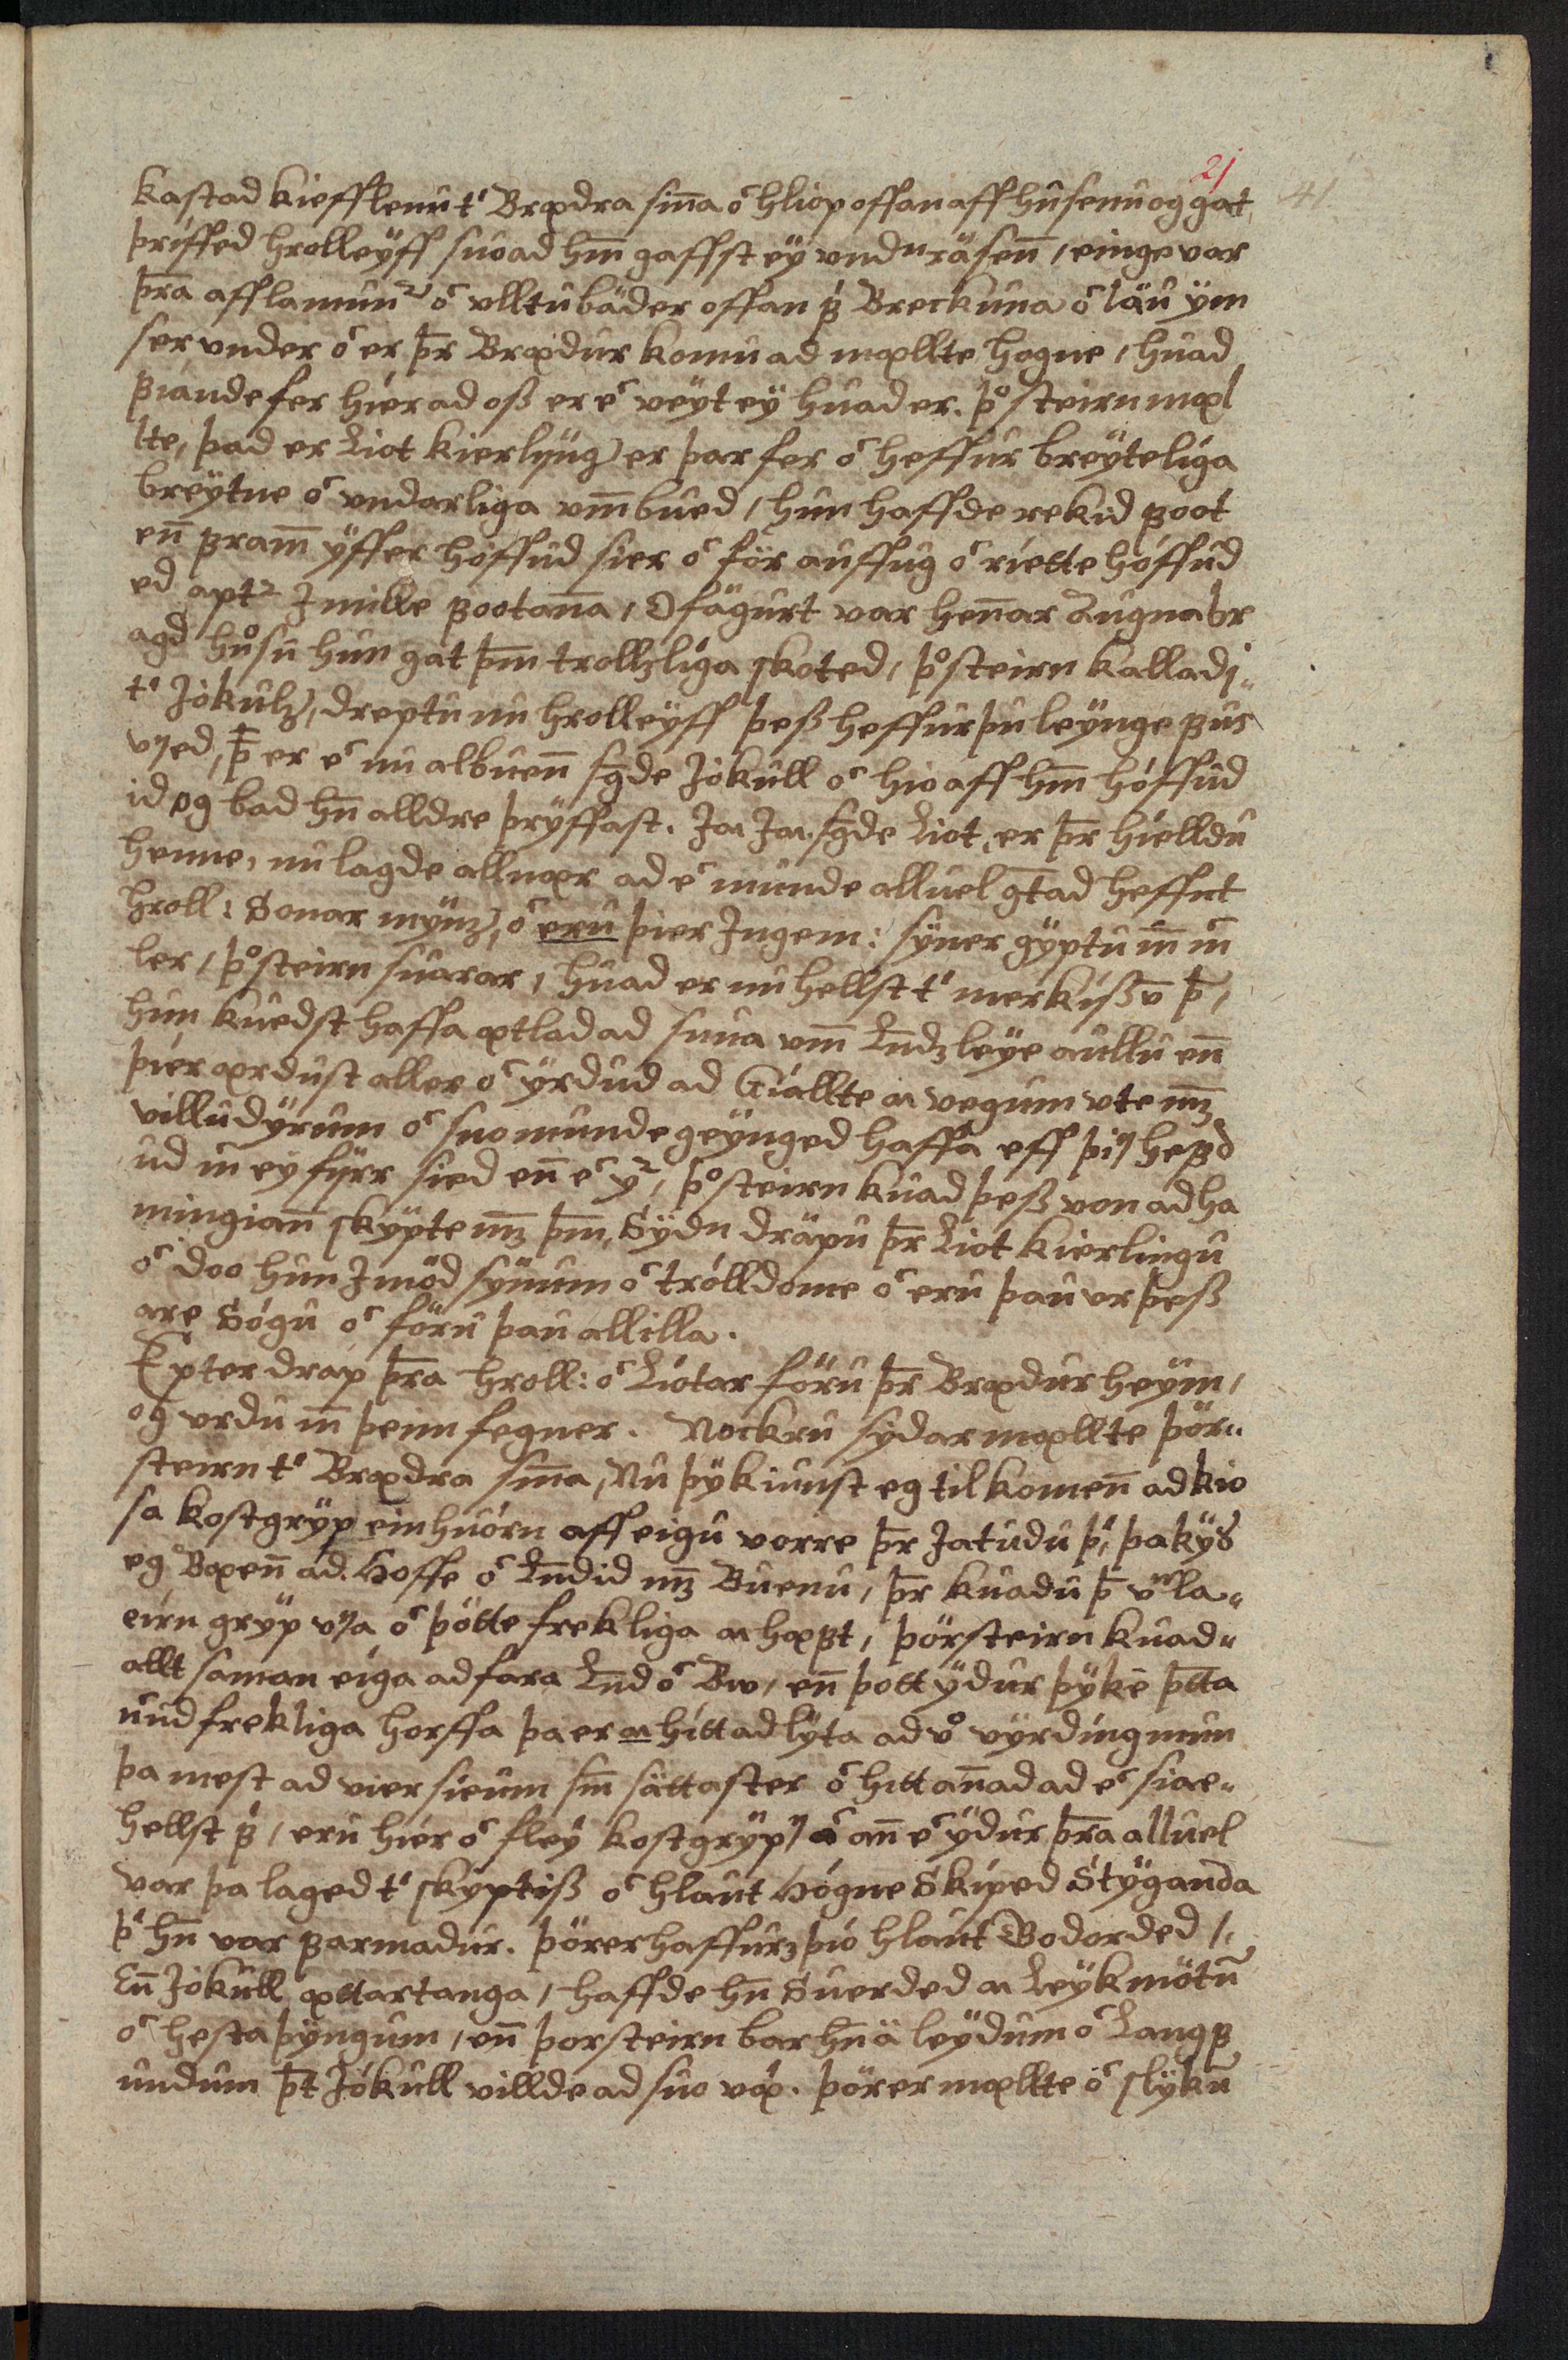 AM 138 fol - 21r